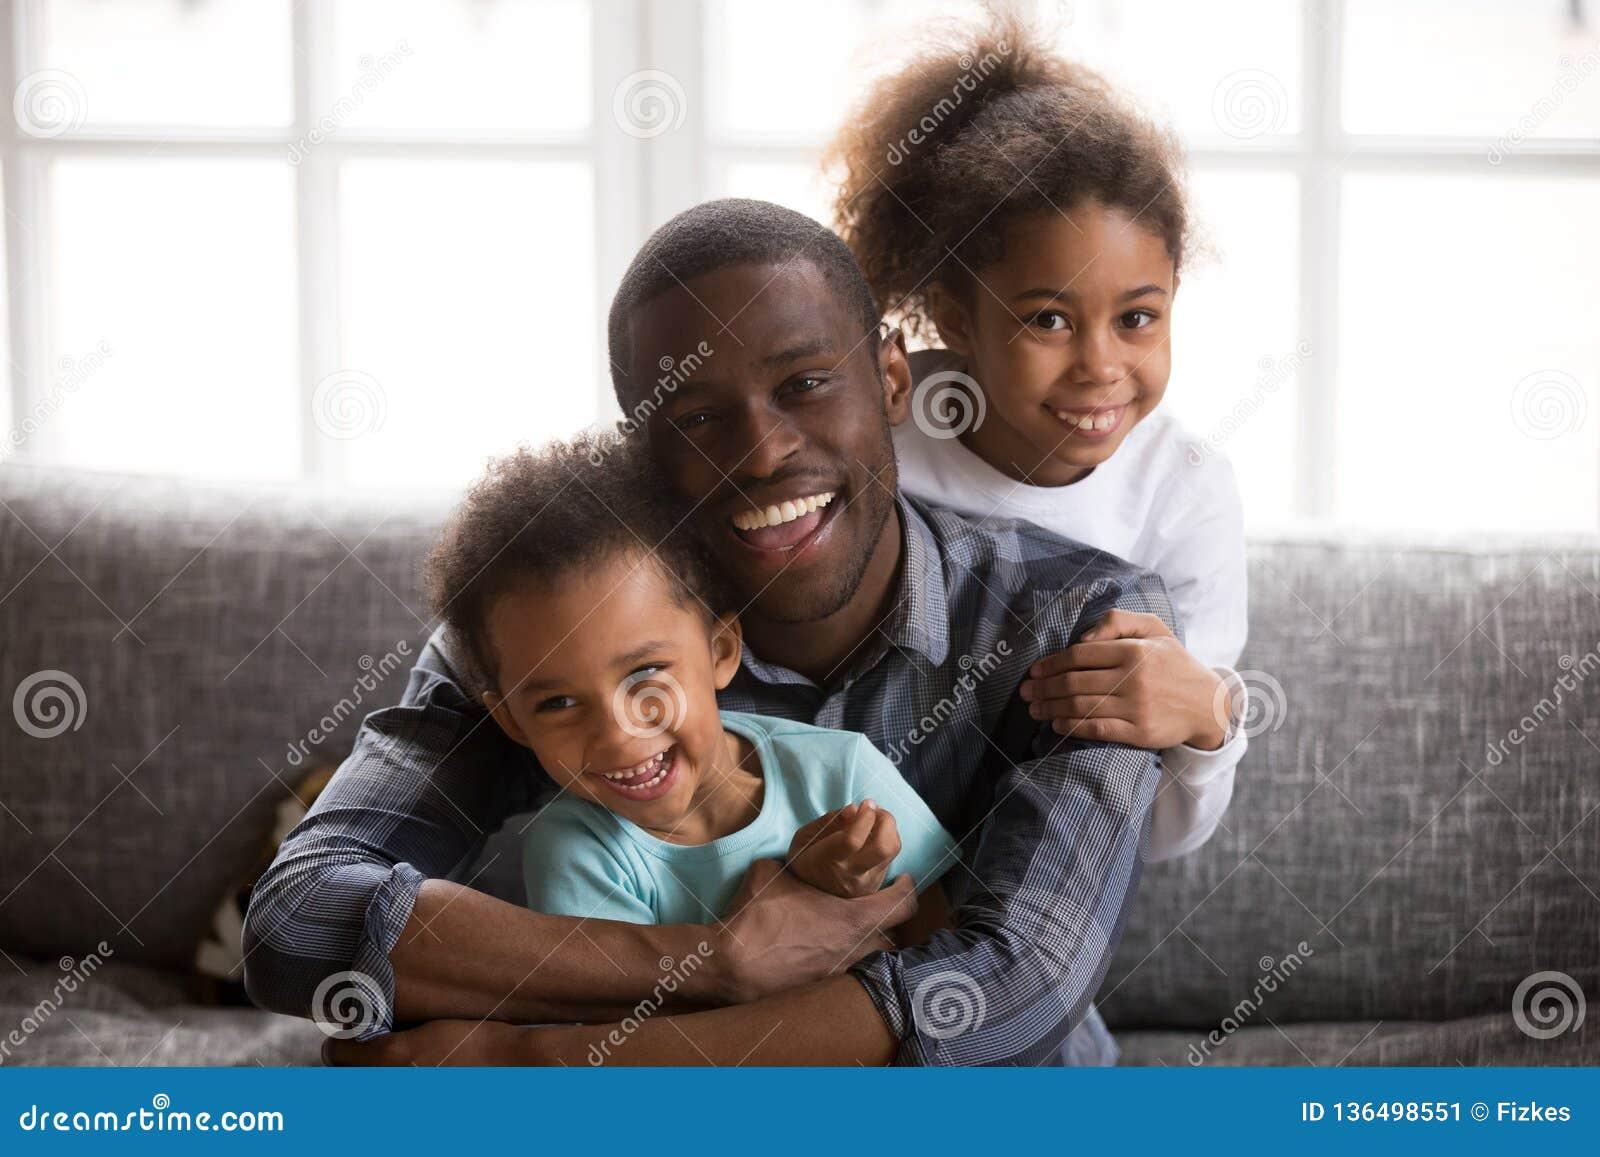 Szczęśliwy afrykański tata i mieszający biegowy dziecko portret w domu